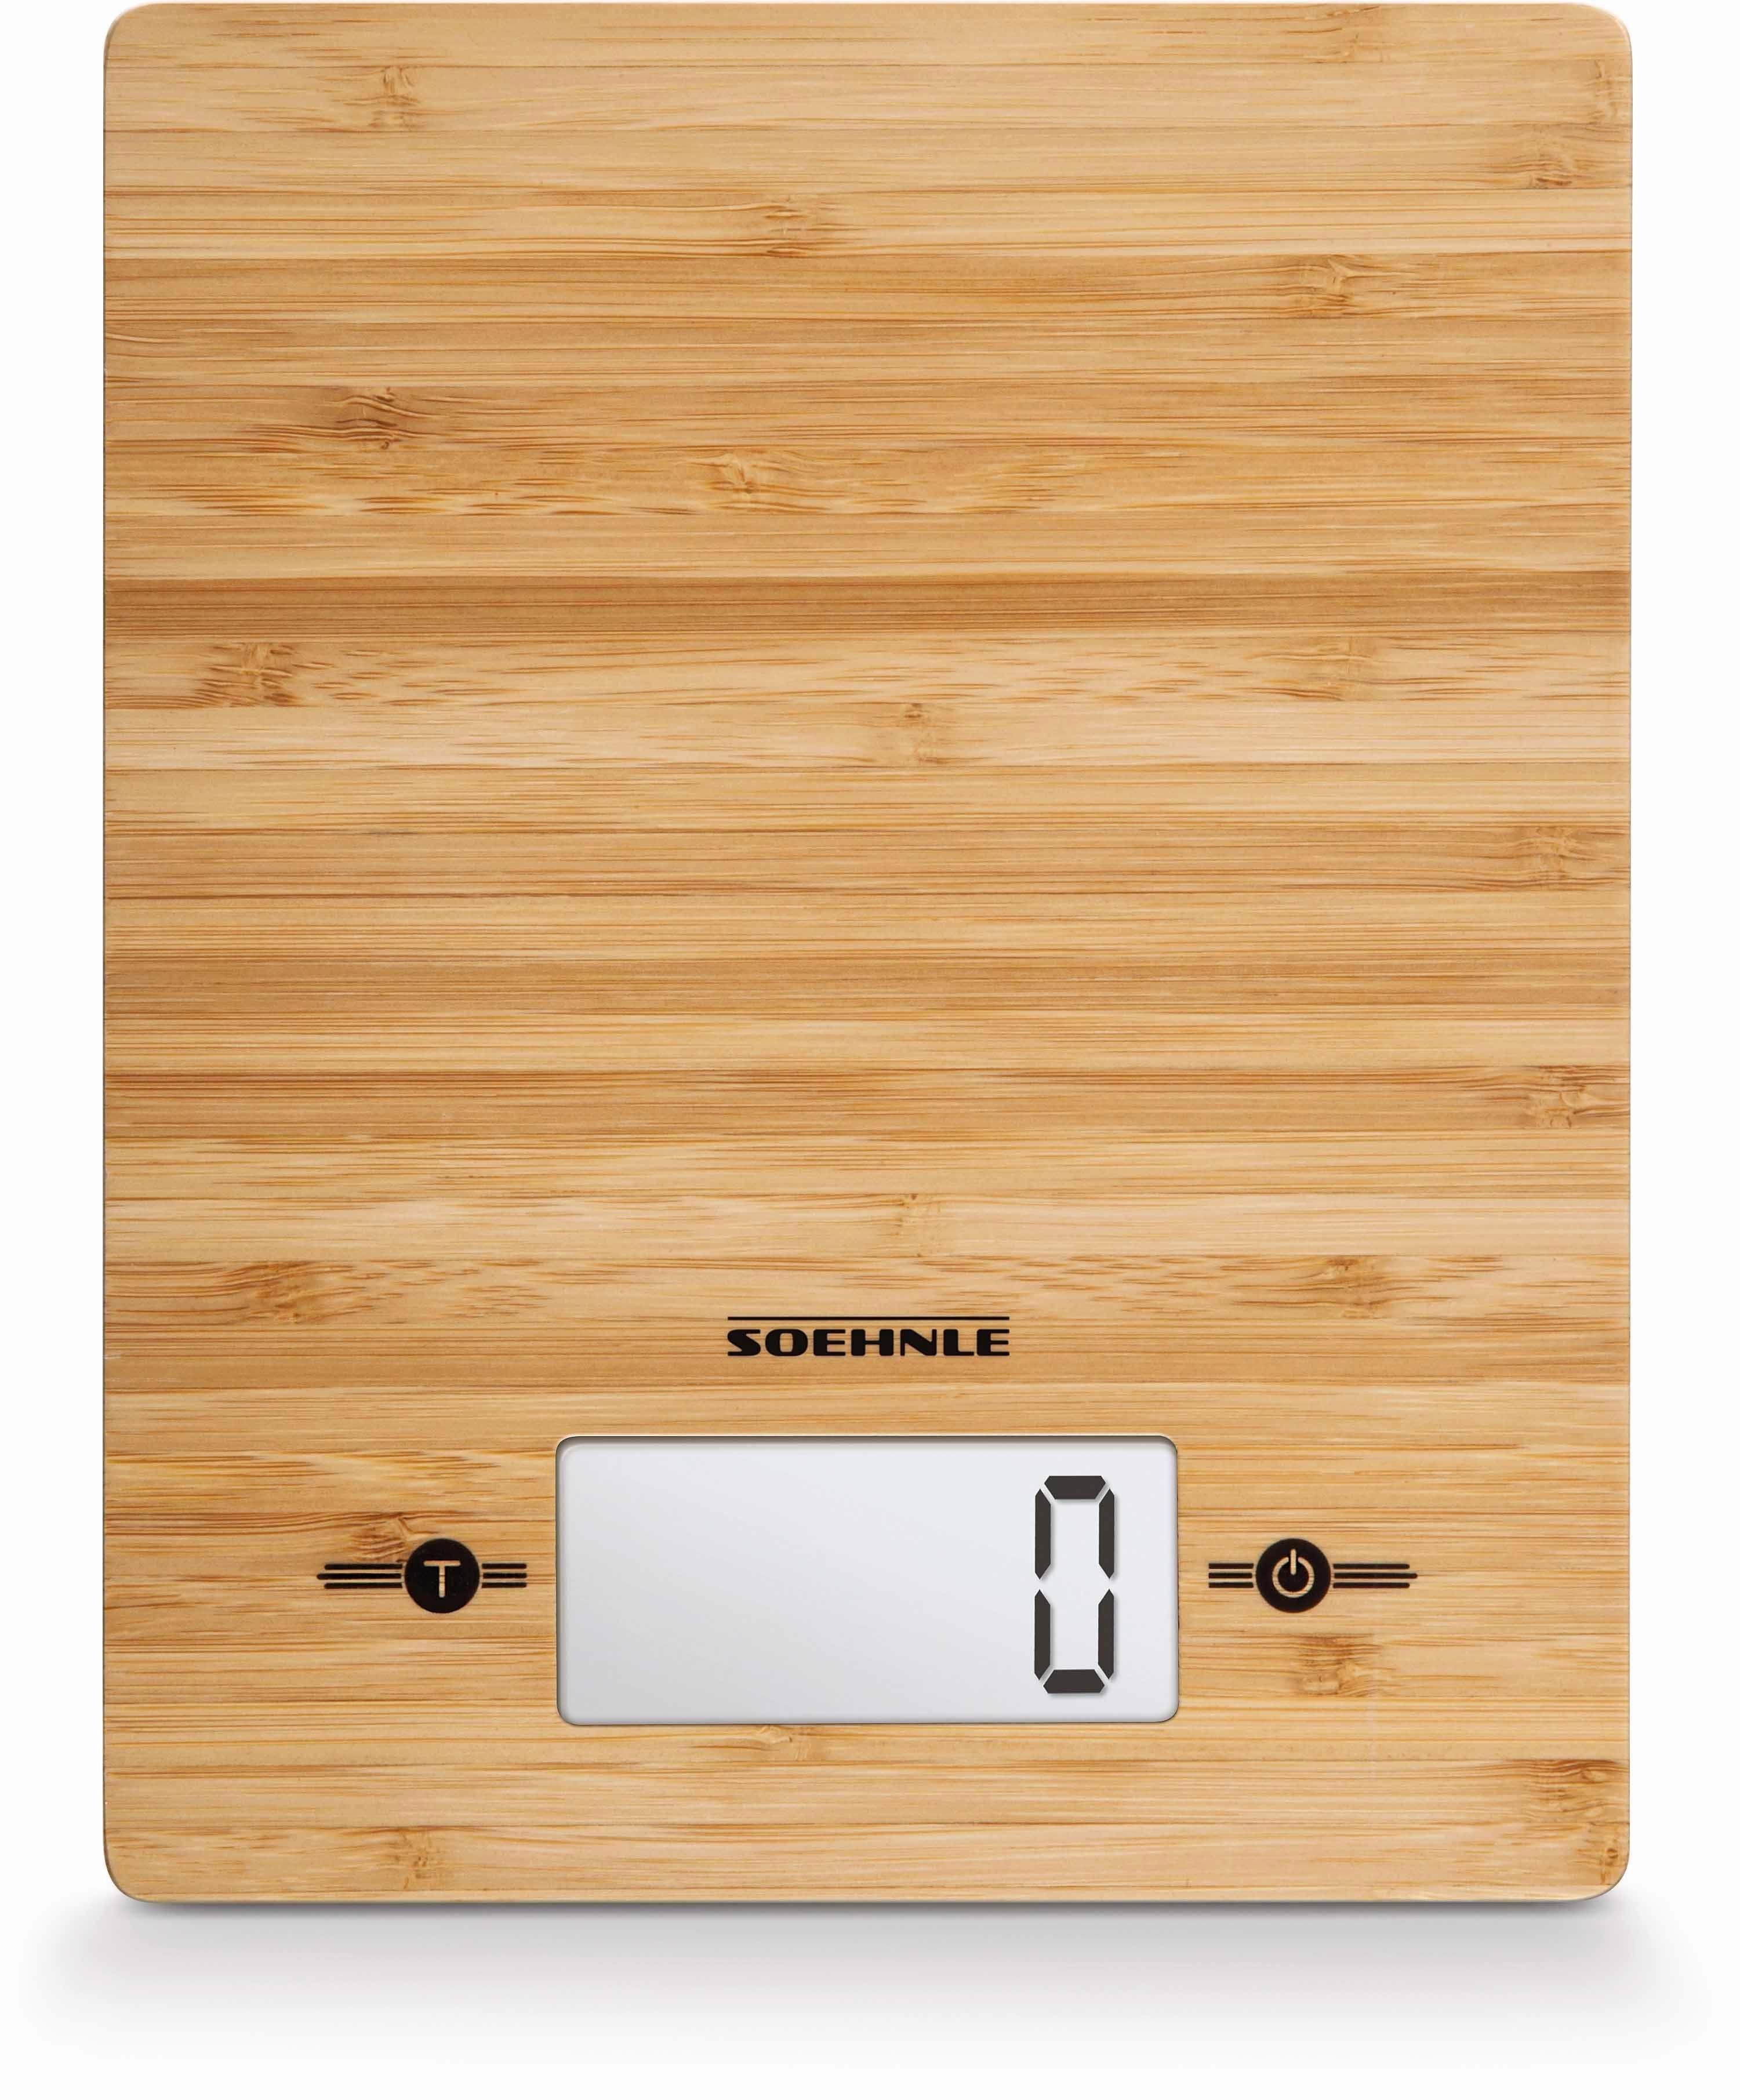 Soehnle digitale keukenweegschaal, »Bamboo« goedkoop op otto.nl kopen